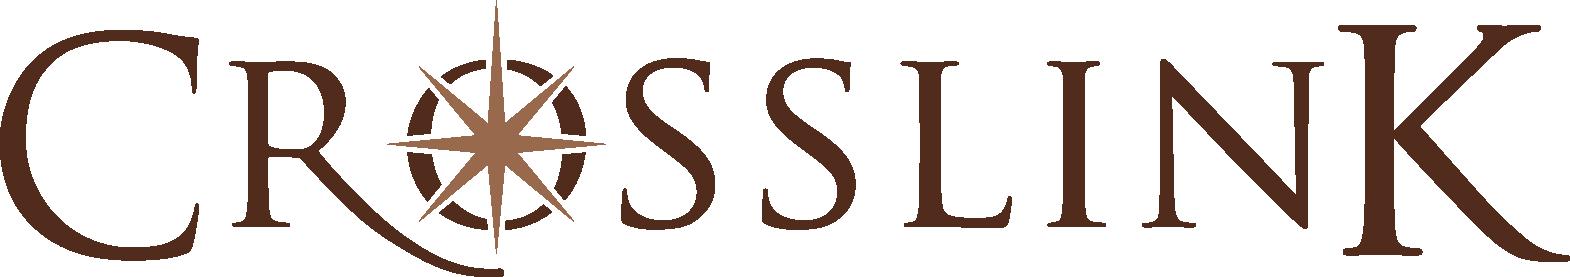 Crosslink-logo.png